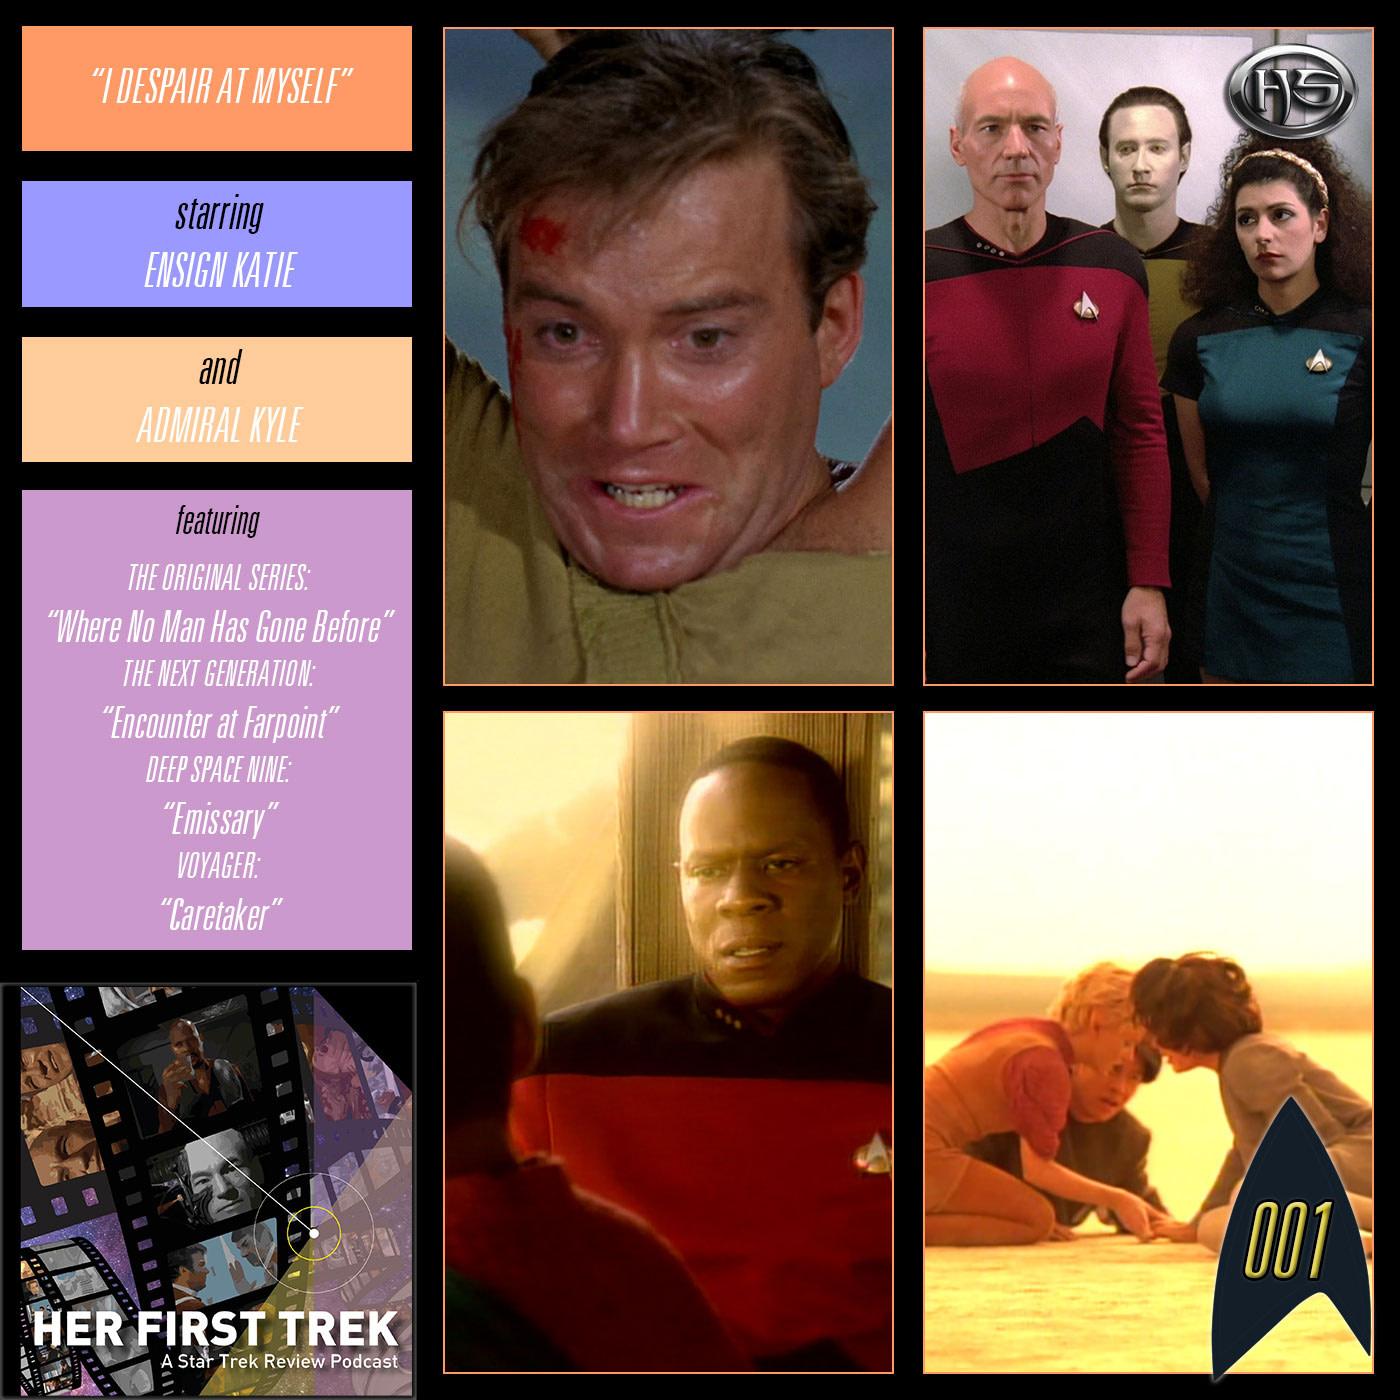 Her First Trek Episode 1